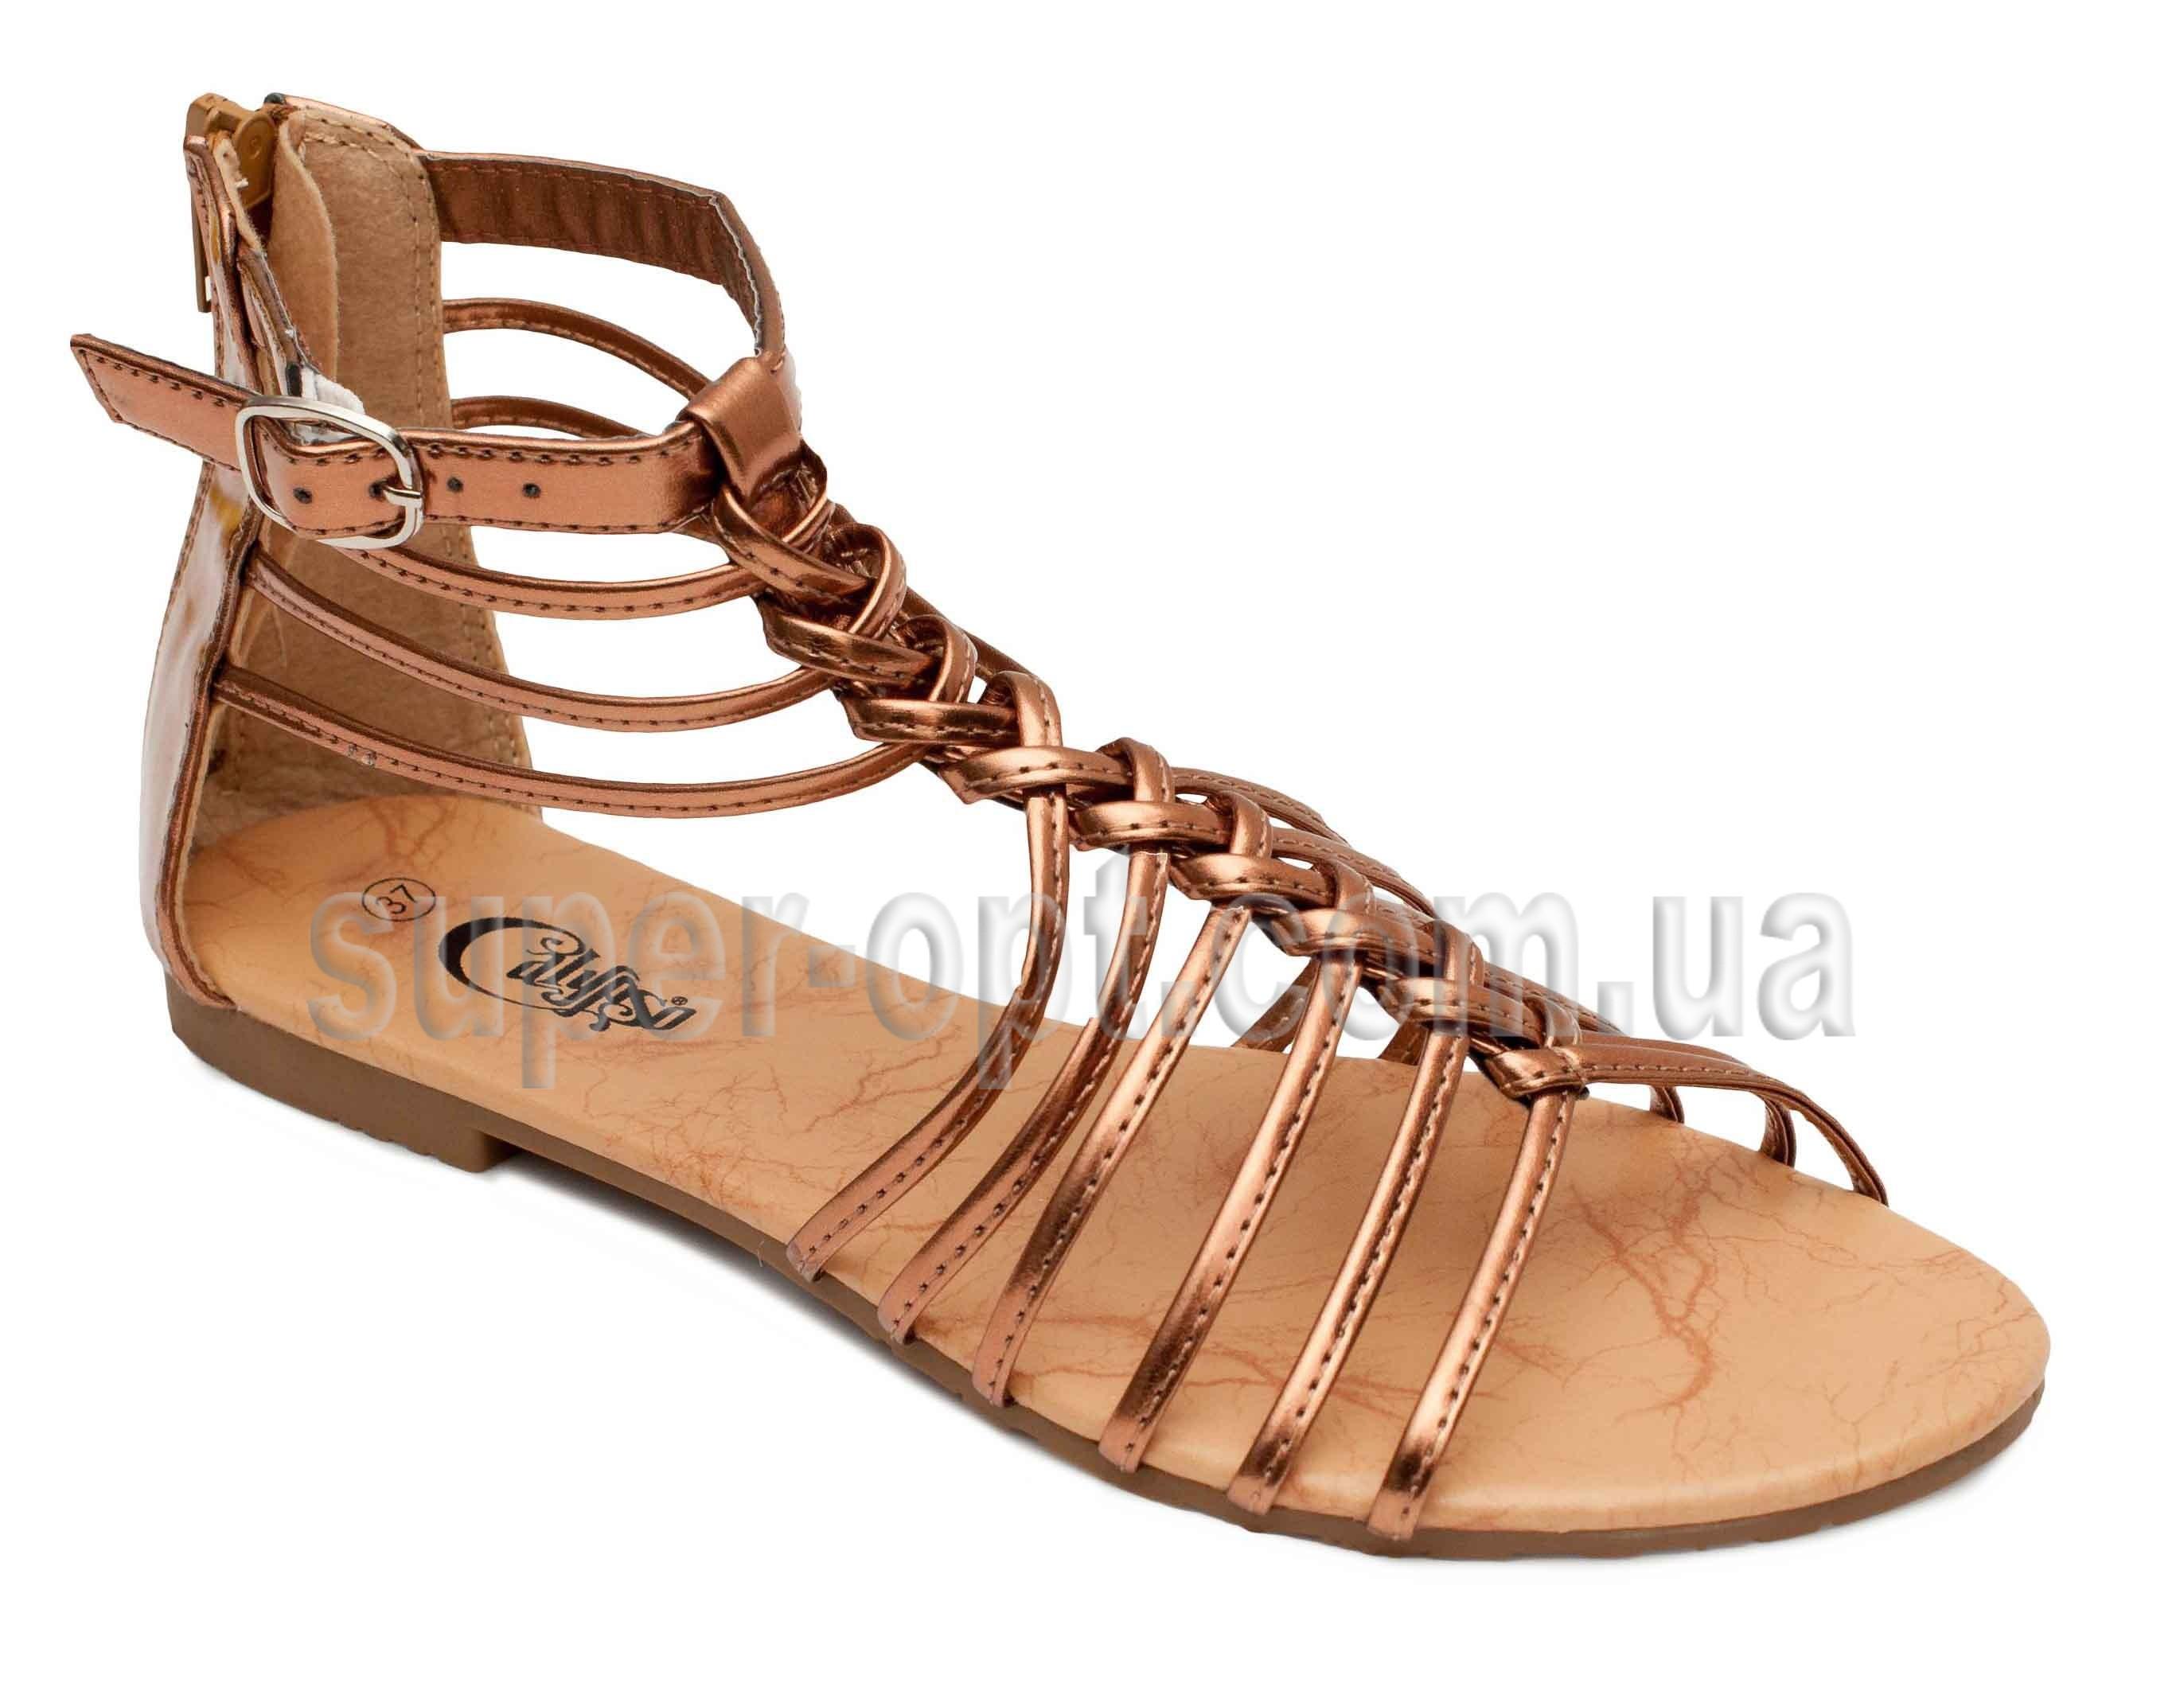 Босоніжки Calypso Для дівчинки 116002